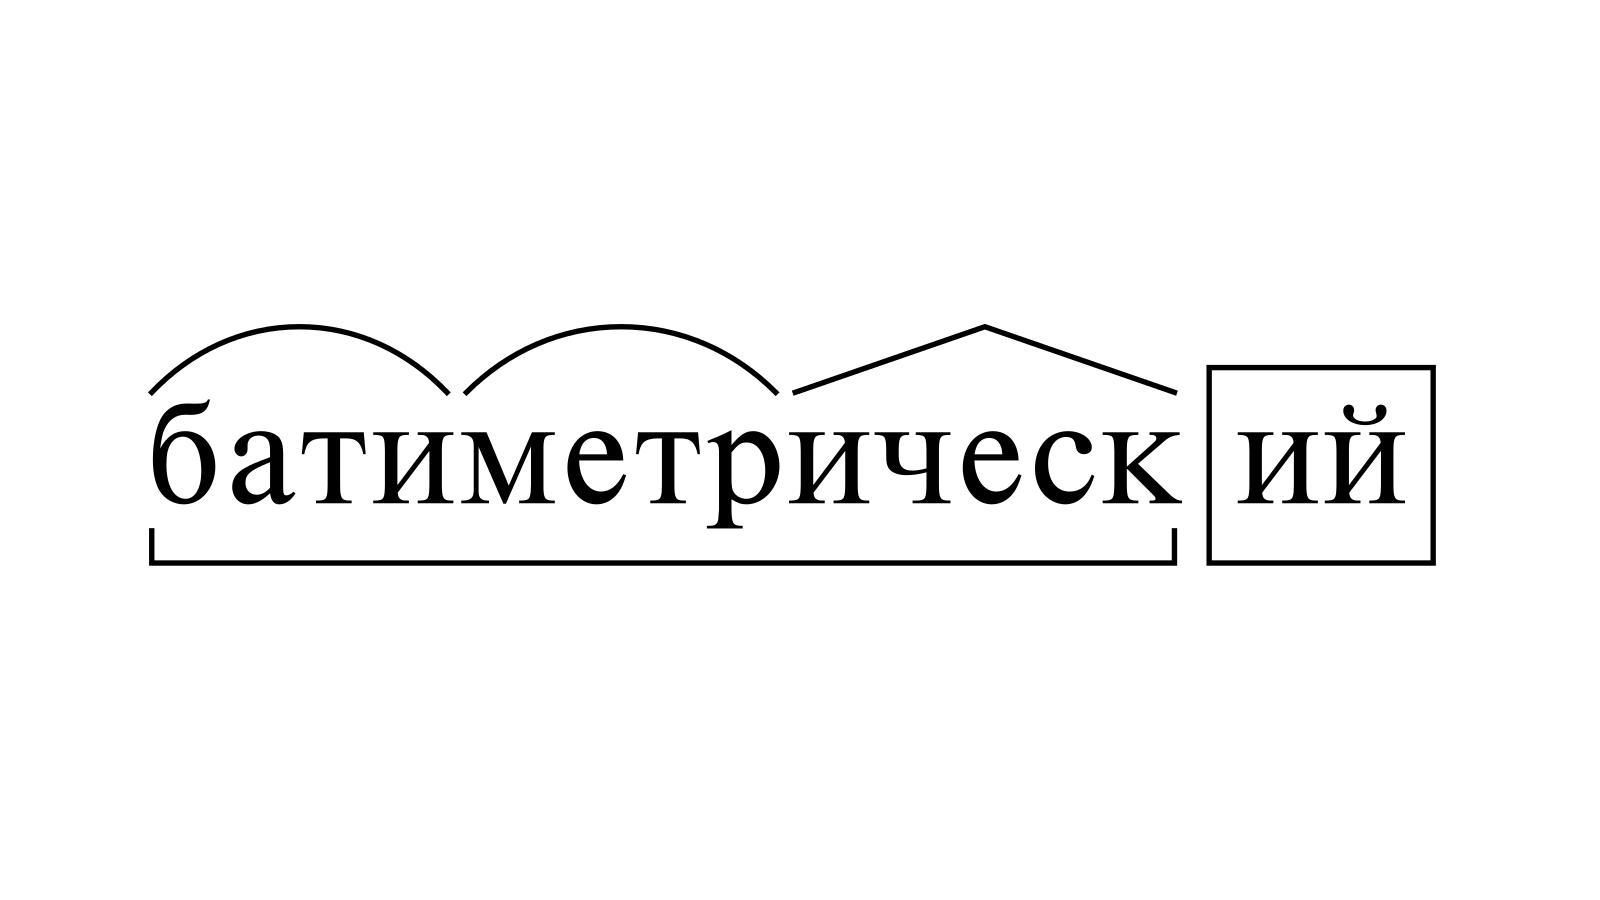 Разбор слова «батиметрический» по составу